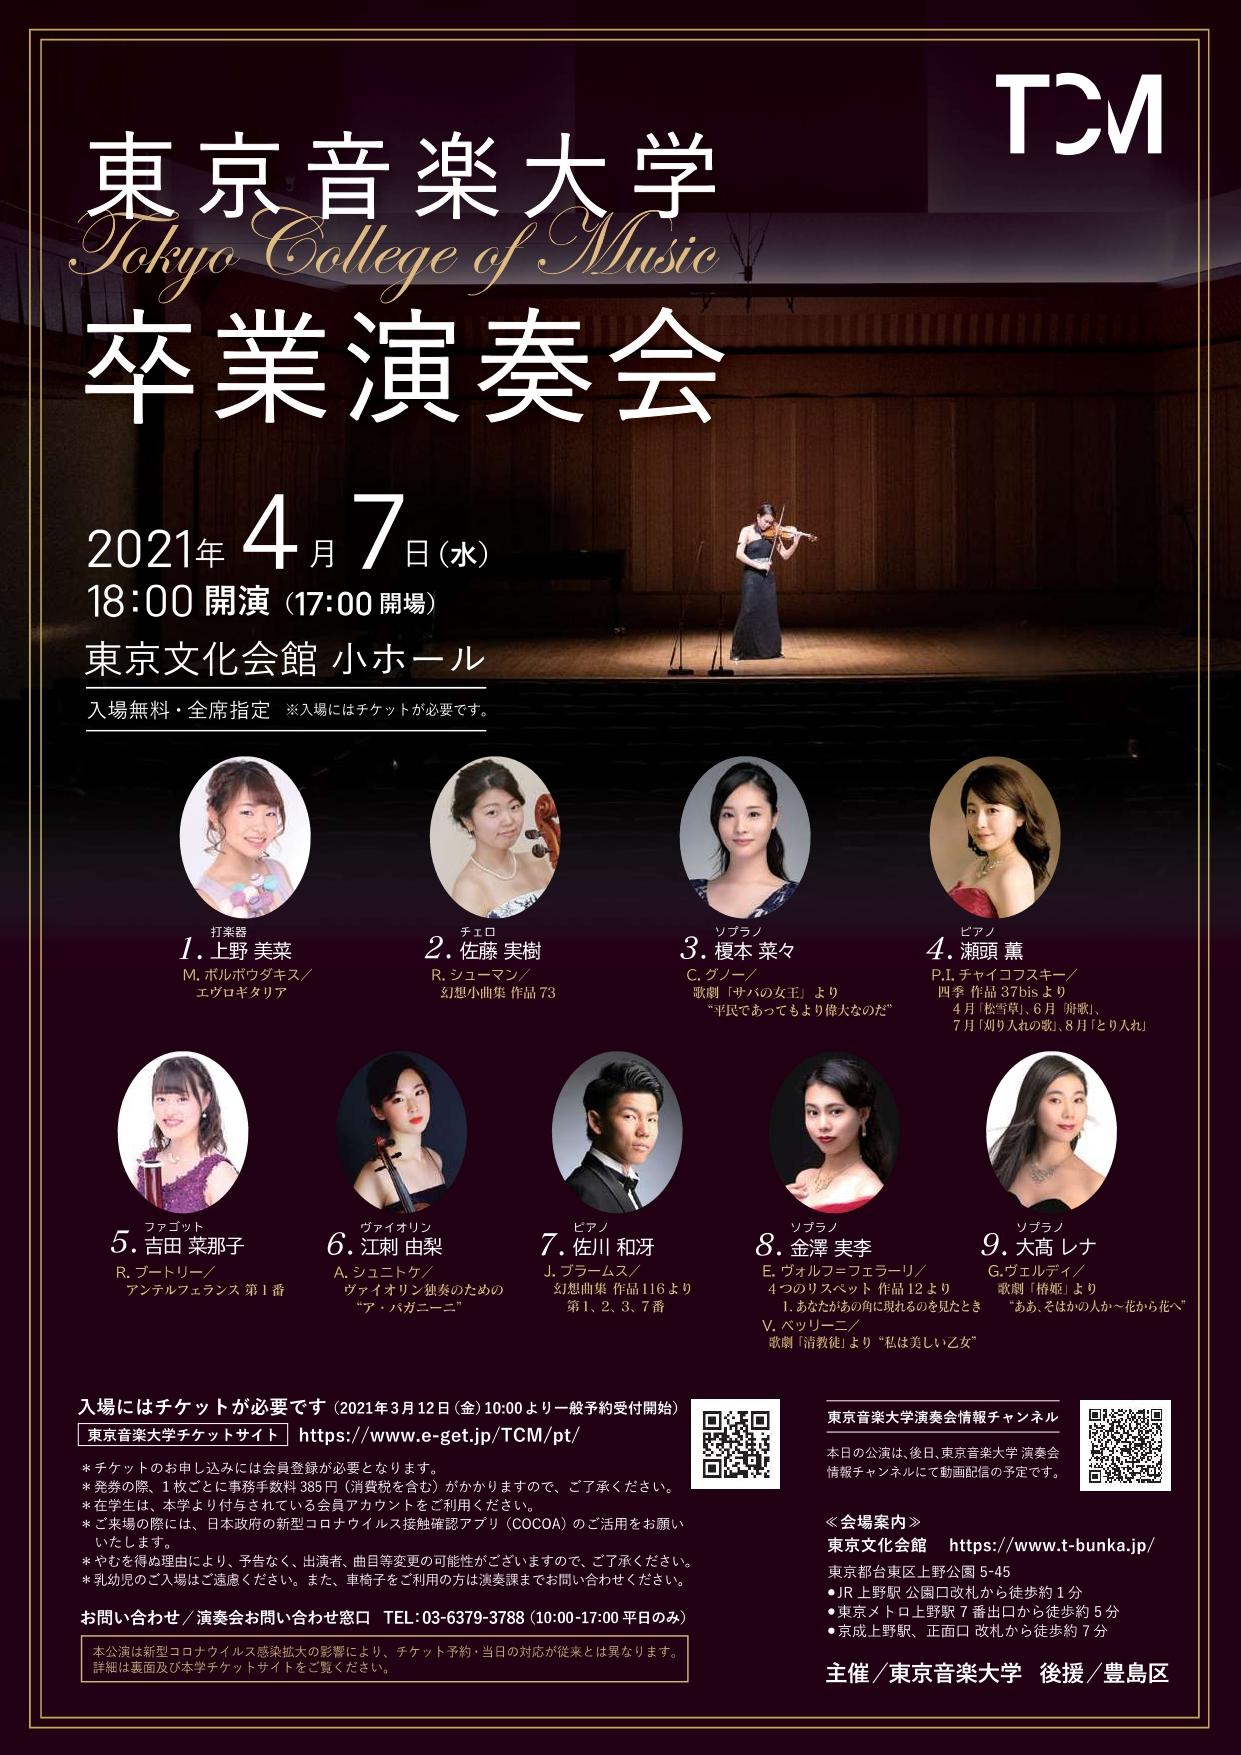 東京音楽大学 卒業演奏会